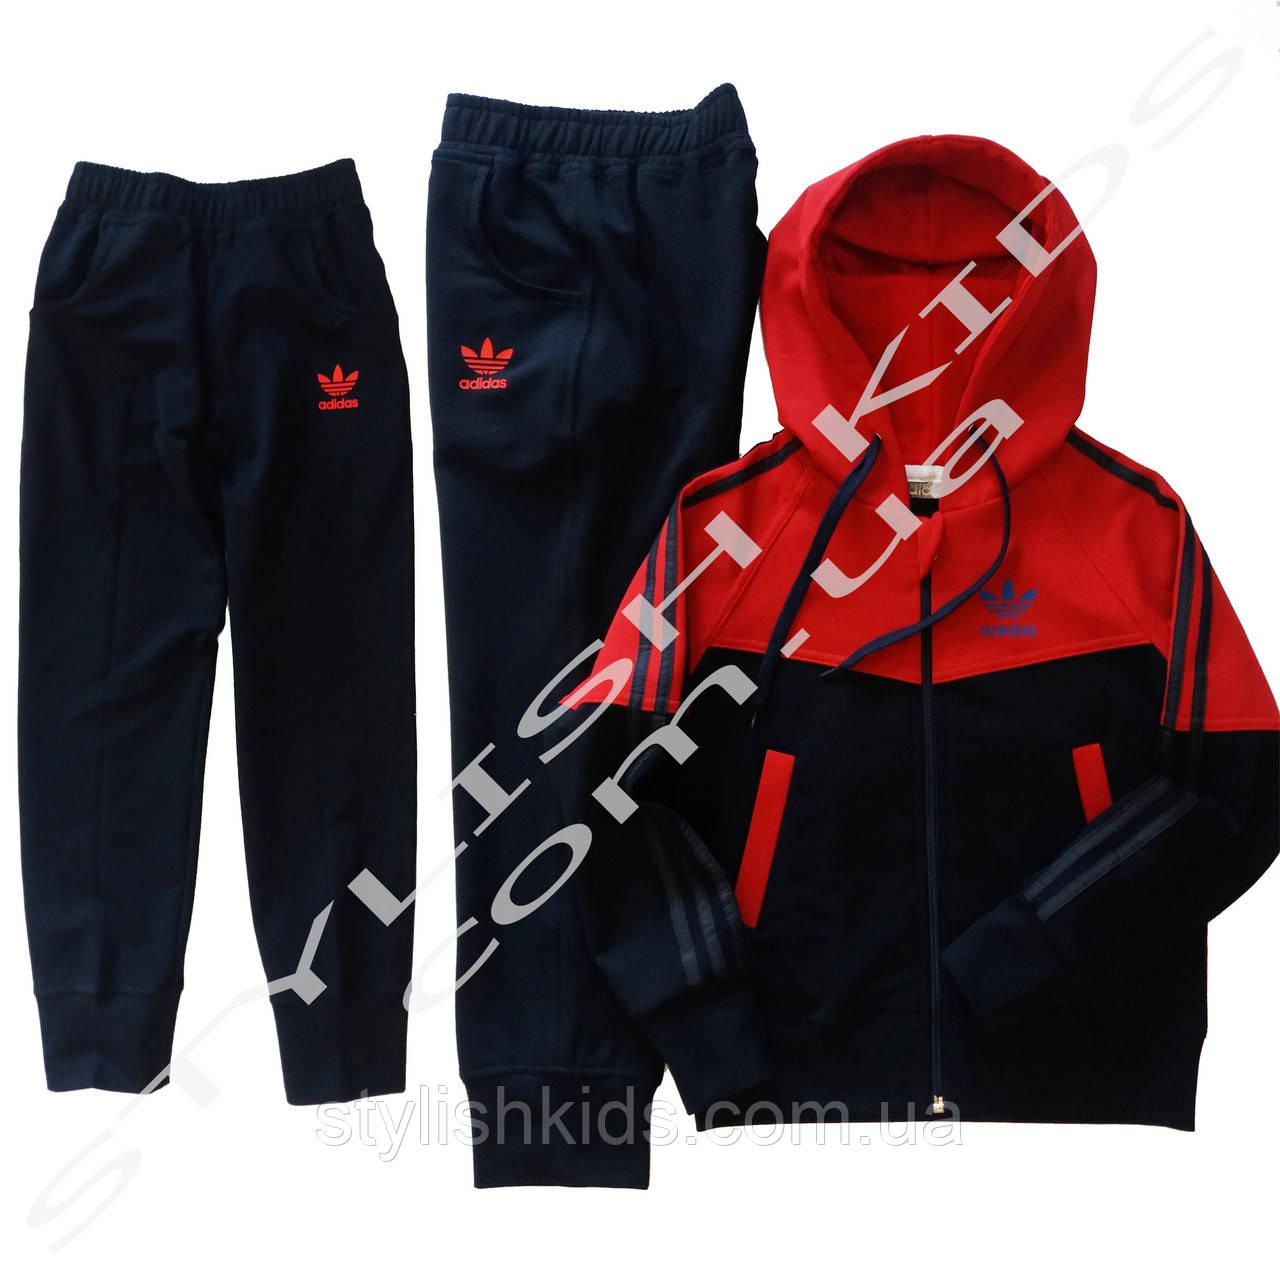 7f9c0c1a429e0d Подростковый спортивный костюм для мальчика.Спортивный костюм Адидас для  подростка в интернет магазине.